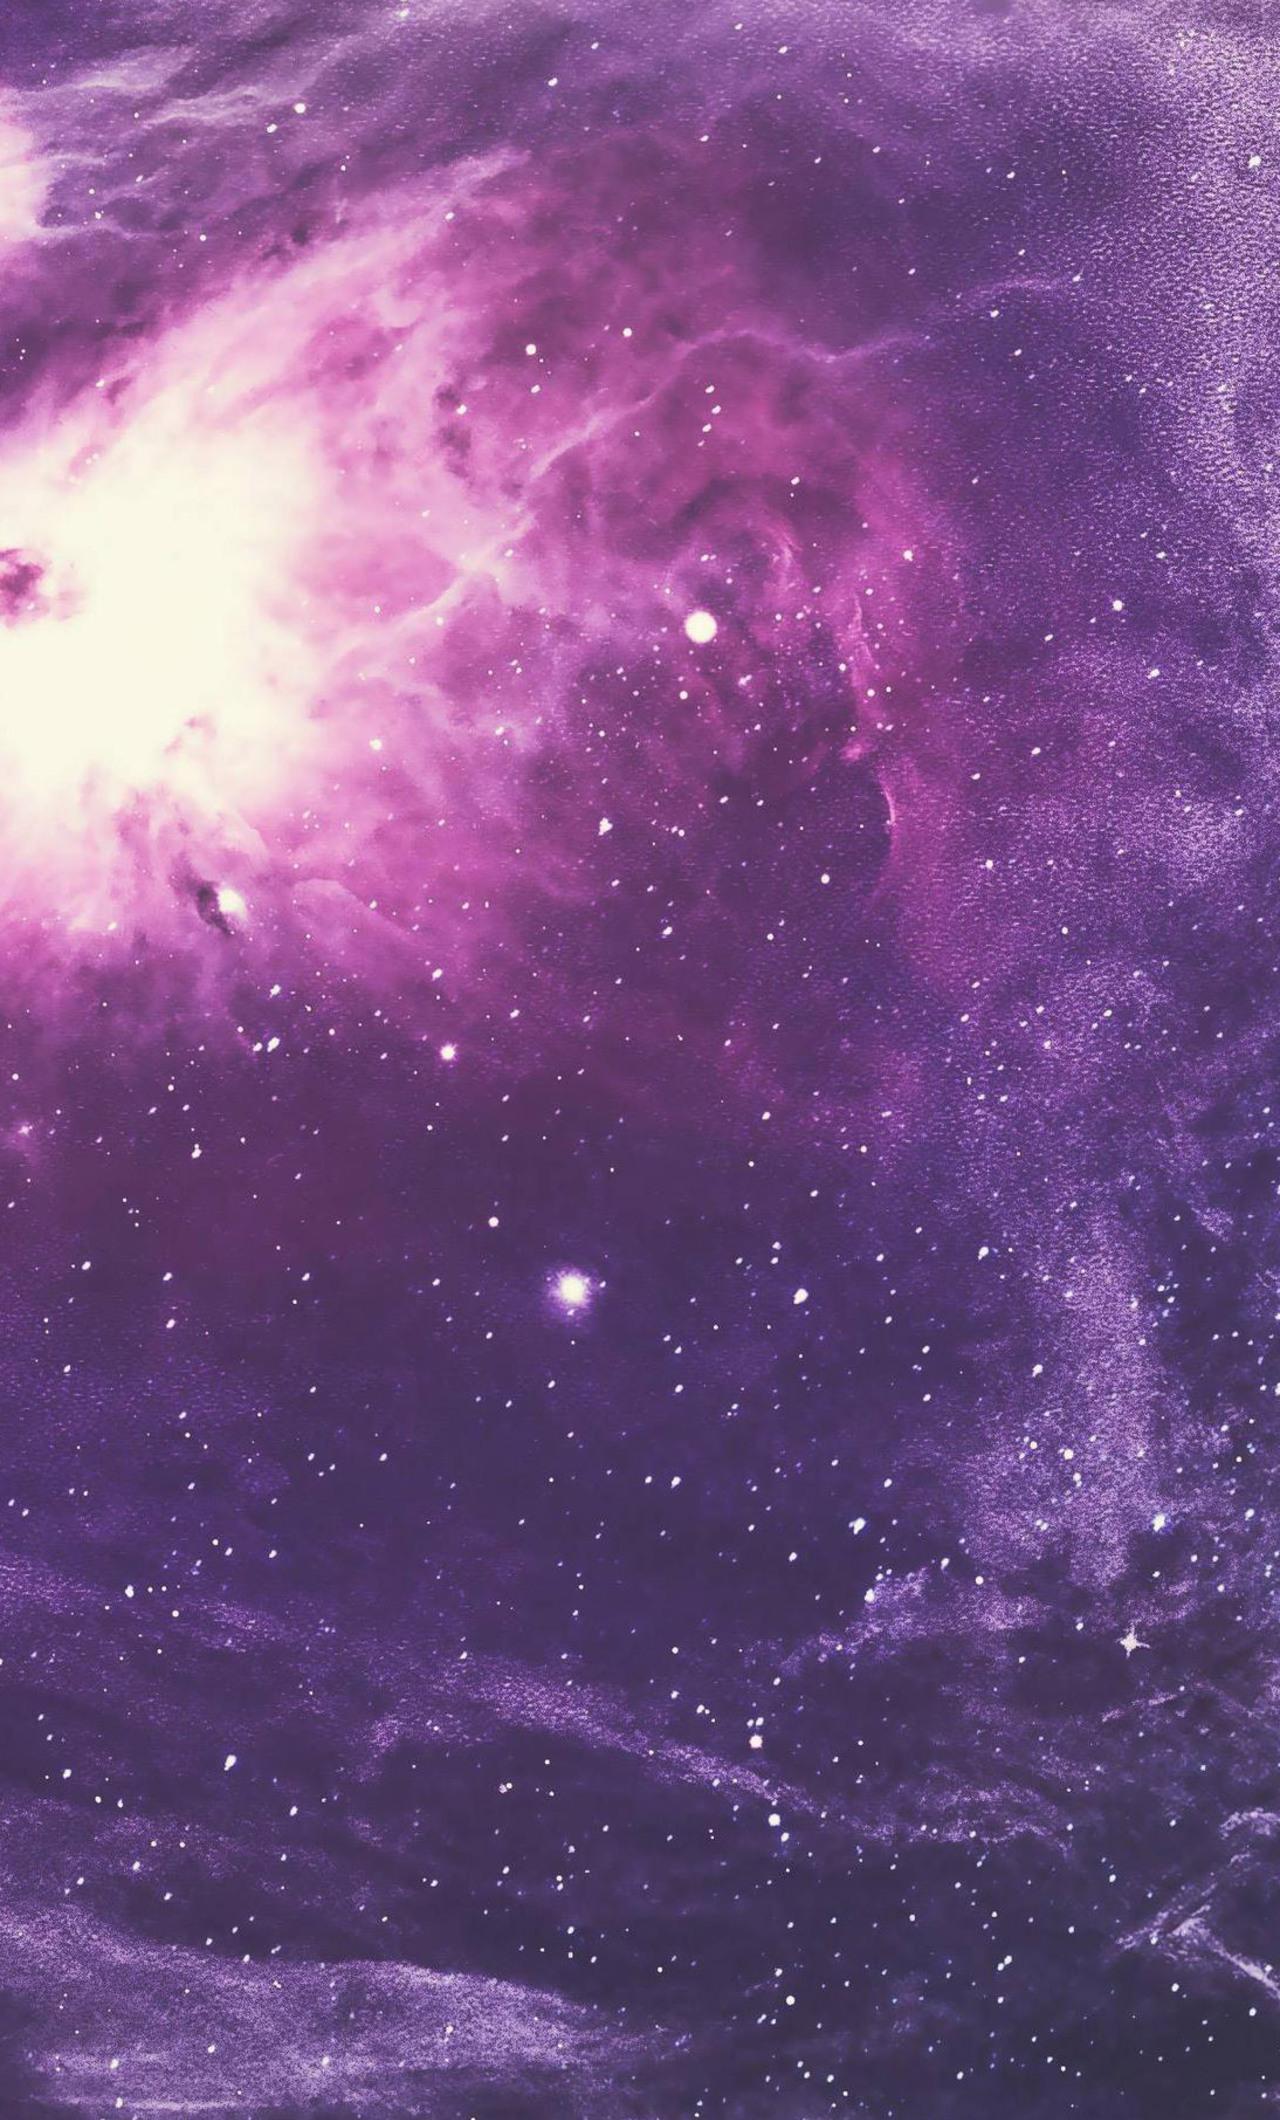 purple-nebula-4k-lu.jpg